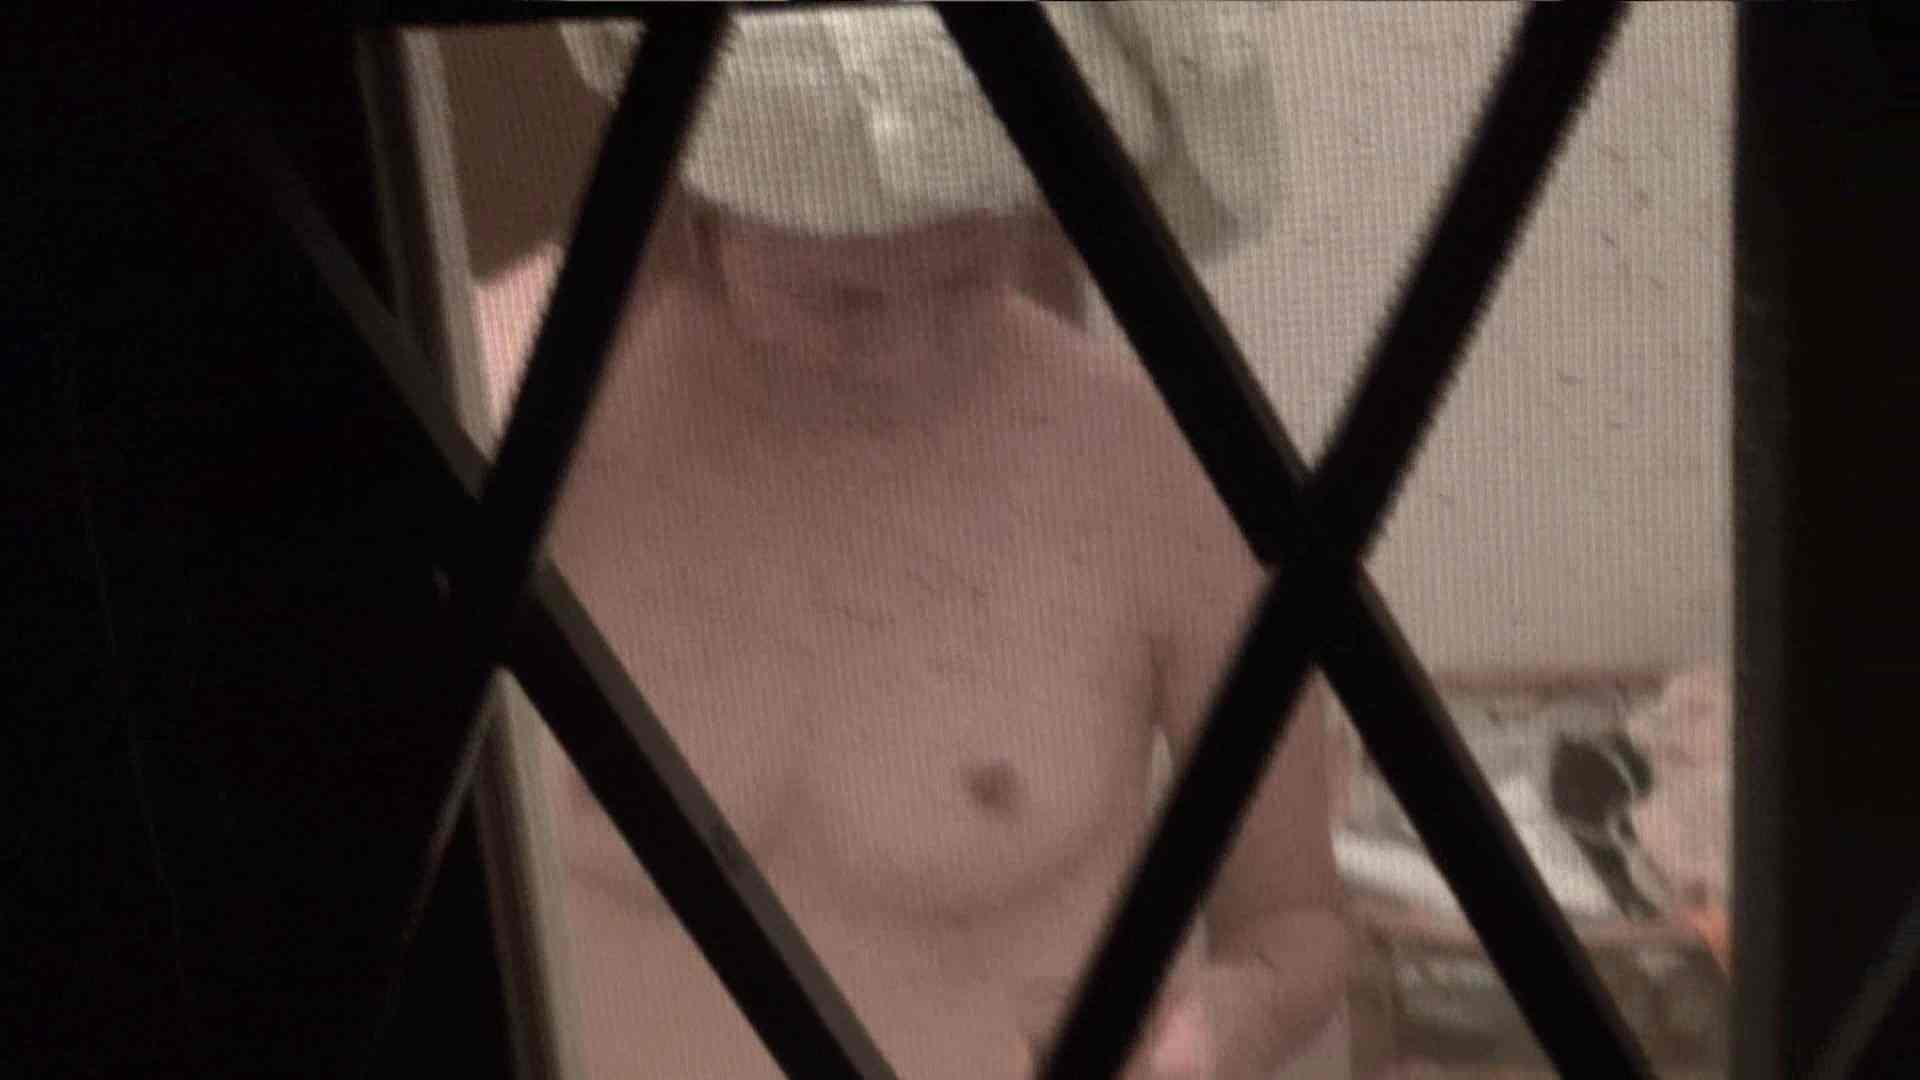 民家の騎士さんの最後の性戦ハイビジョン!!No.49 おっぱい | 民家エロ投稿  65画像 29